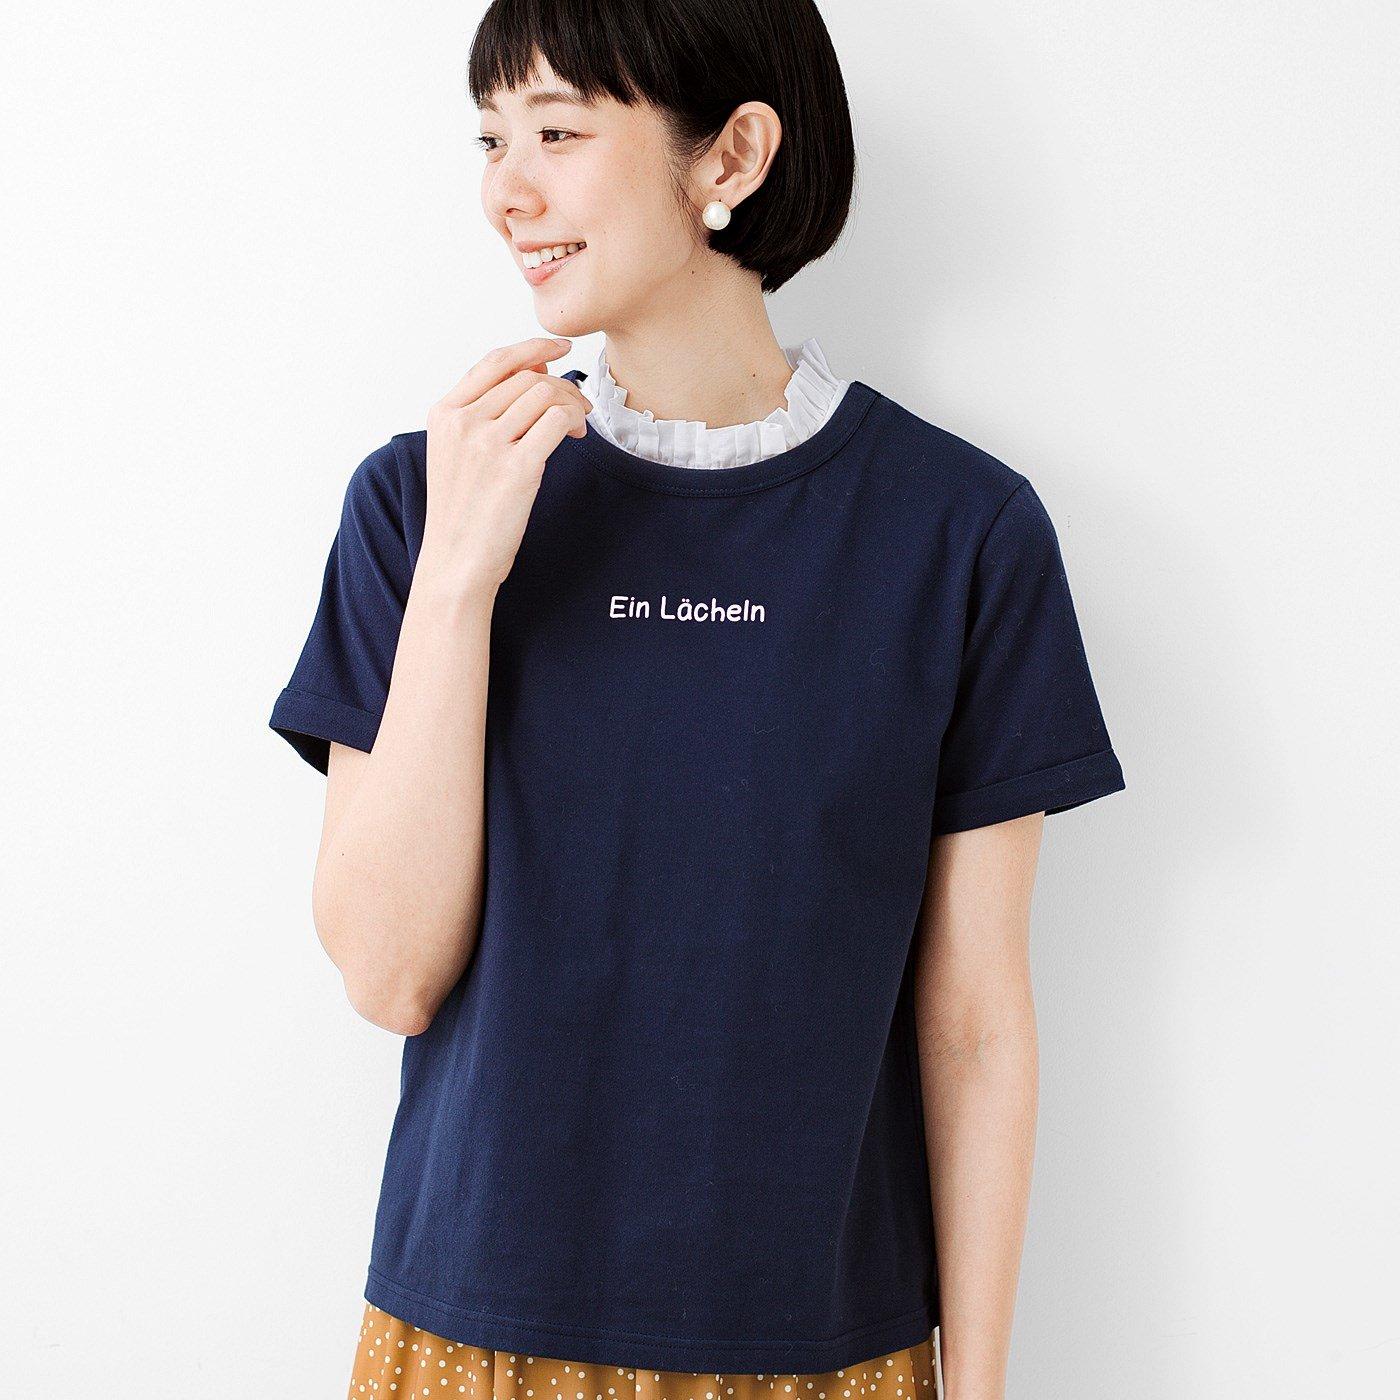 フラウグラット 大人の上品フリル付け衿&ほんのりロゴTシャツセット〈吸水速乾〉の会